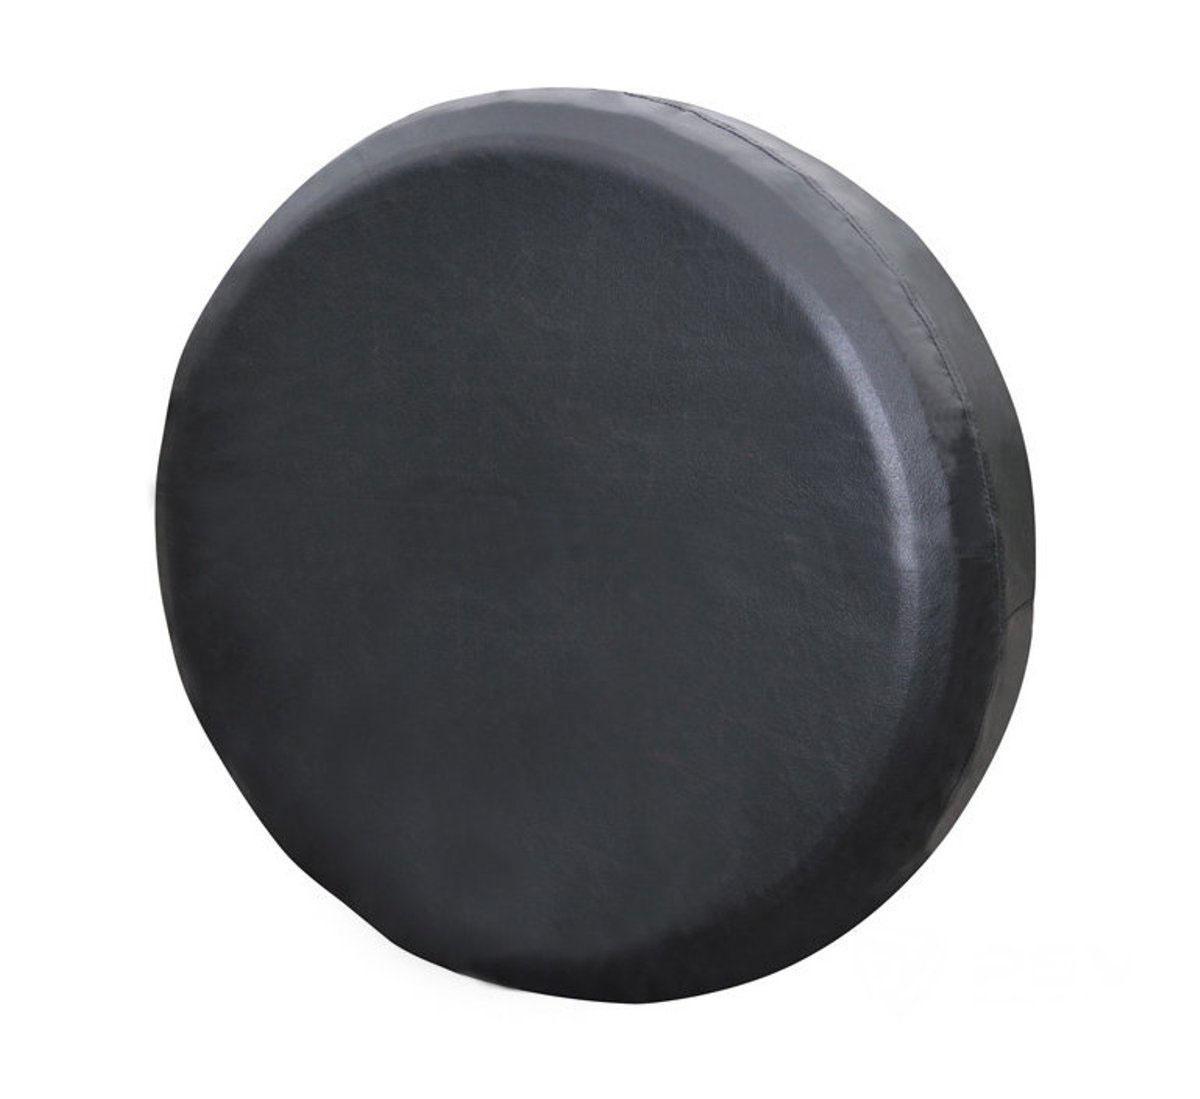 Чехол на запасное колесо Auto premium. Размер L (74-79 см), цвет: черный. 7720377203Чехол на запасное колесо автомобиля ( Размер L), выполненый из высококачественной экокожи, прекрасно охранит «запаску» от негативного влияния погодных условий: пыль грязь, дождь, при этом чехол не потрескается на морозе.